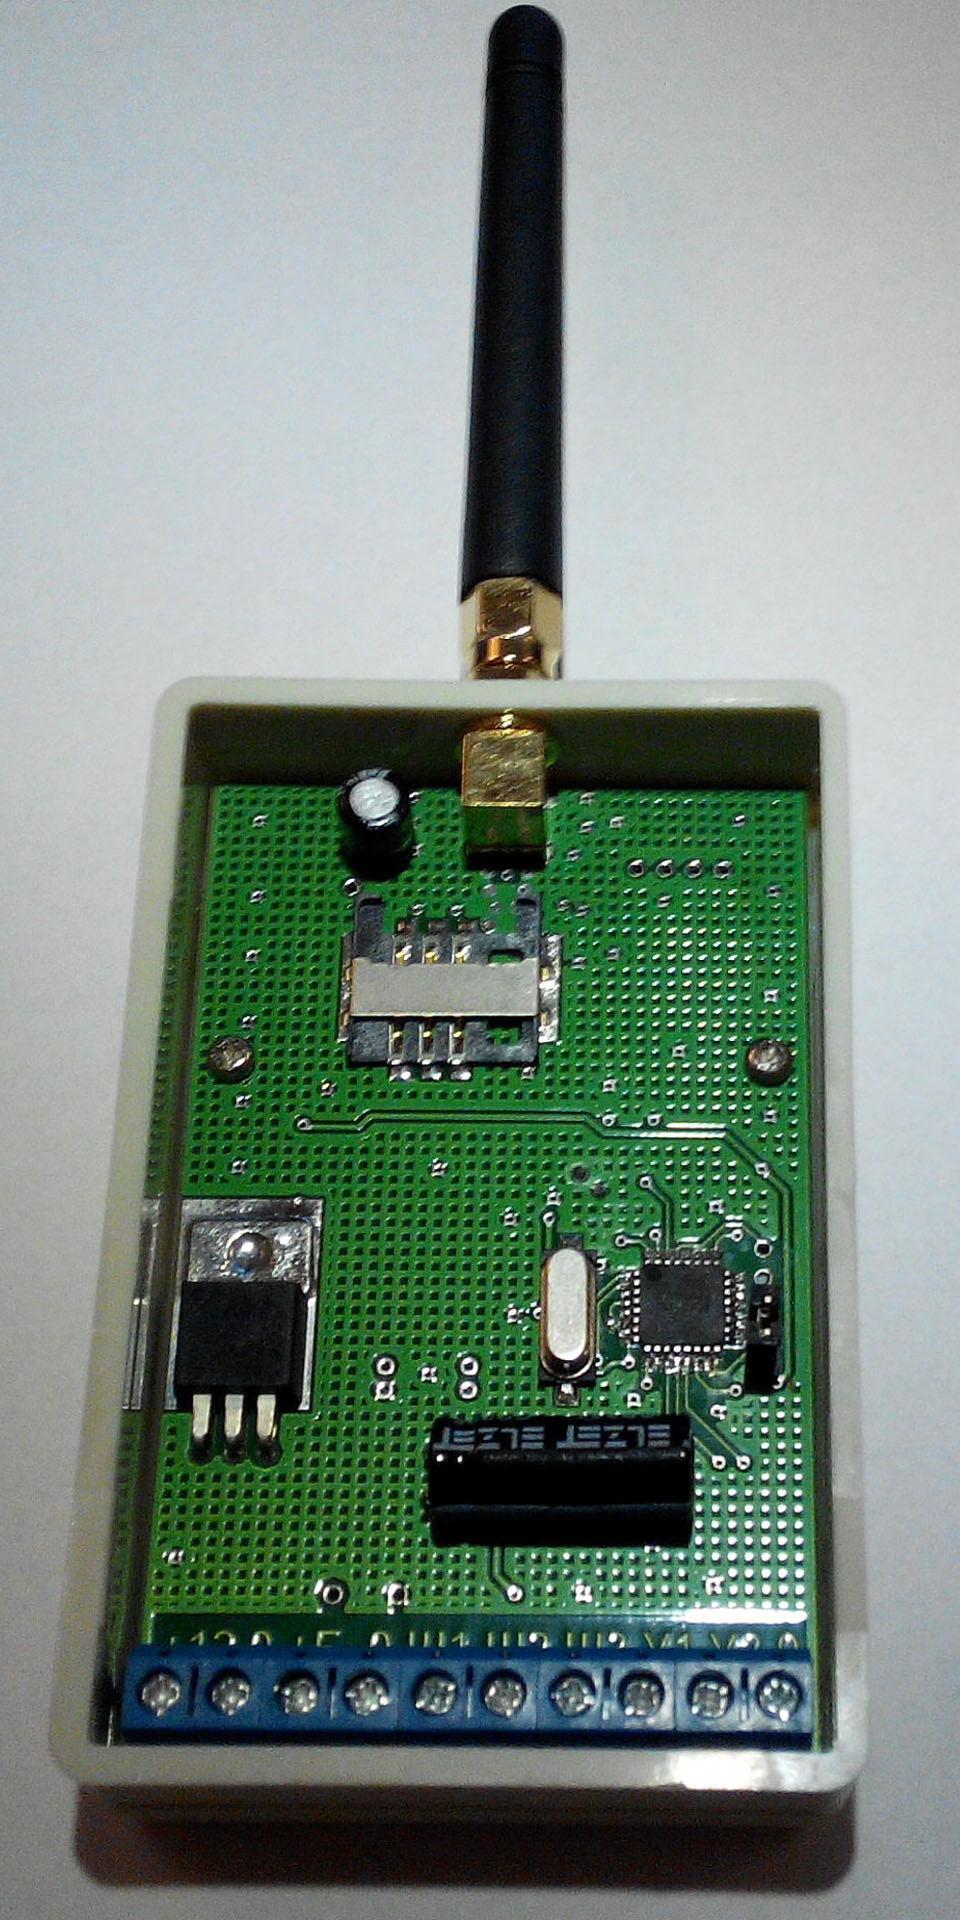 GSM выключатель. Дистанционное управление по сотовой 21